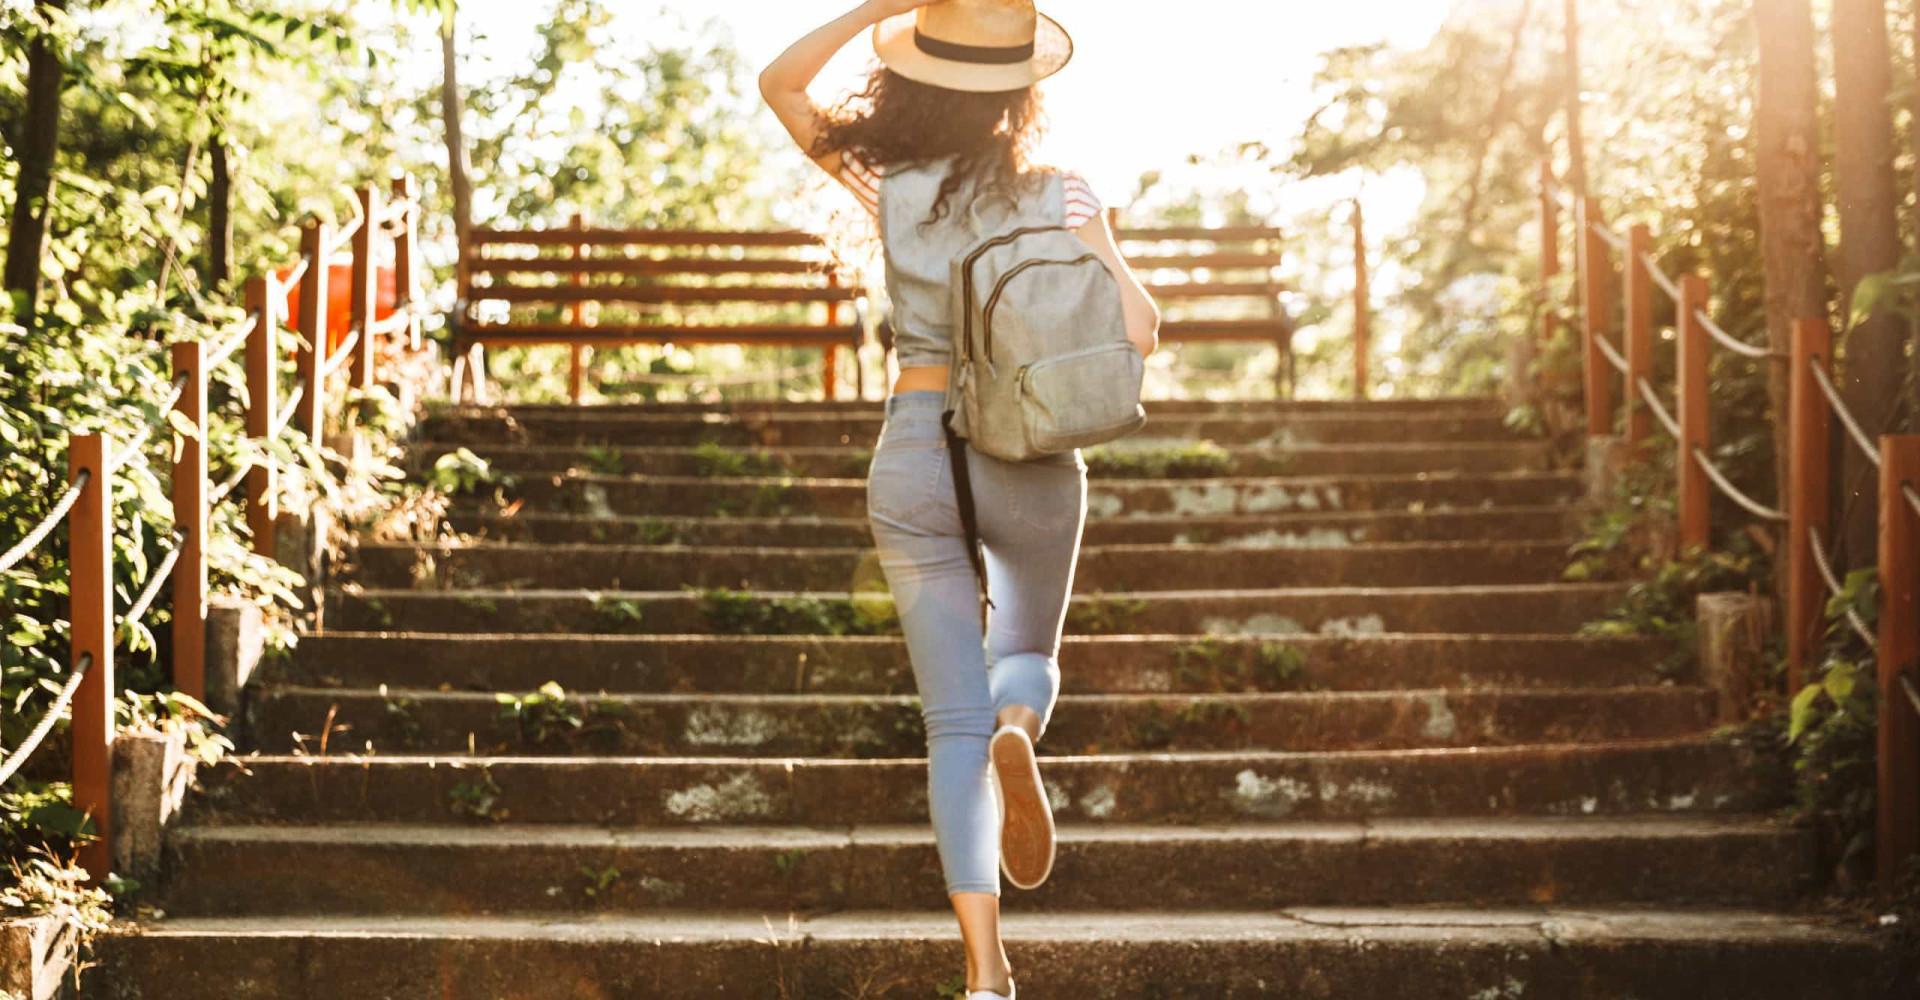 Waarom het belangrijk is om de trap te nemen